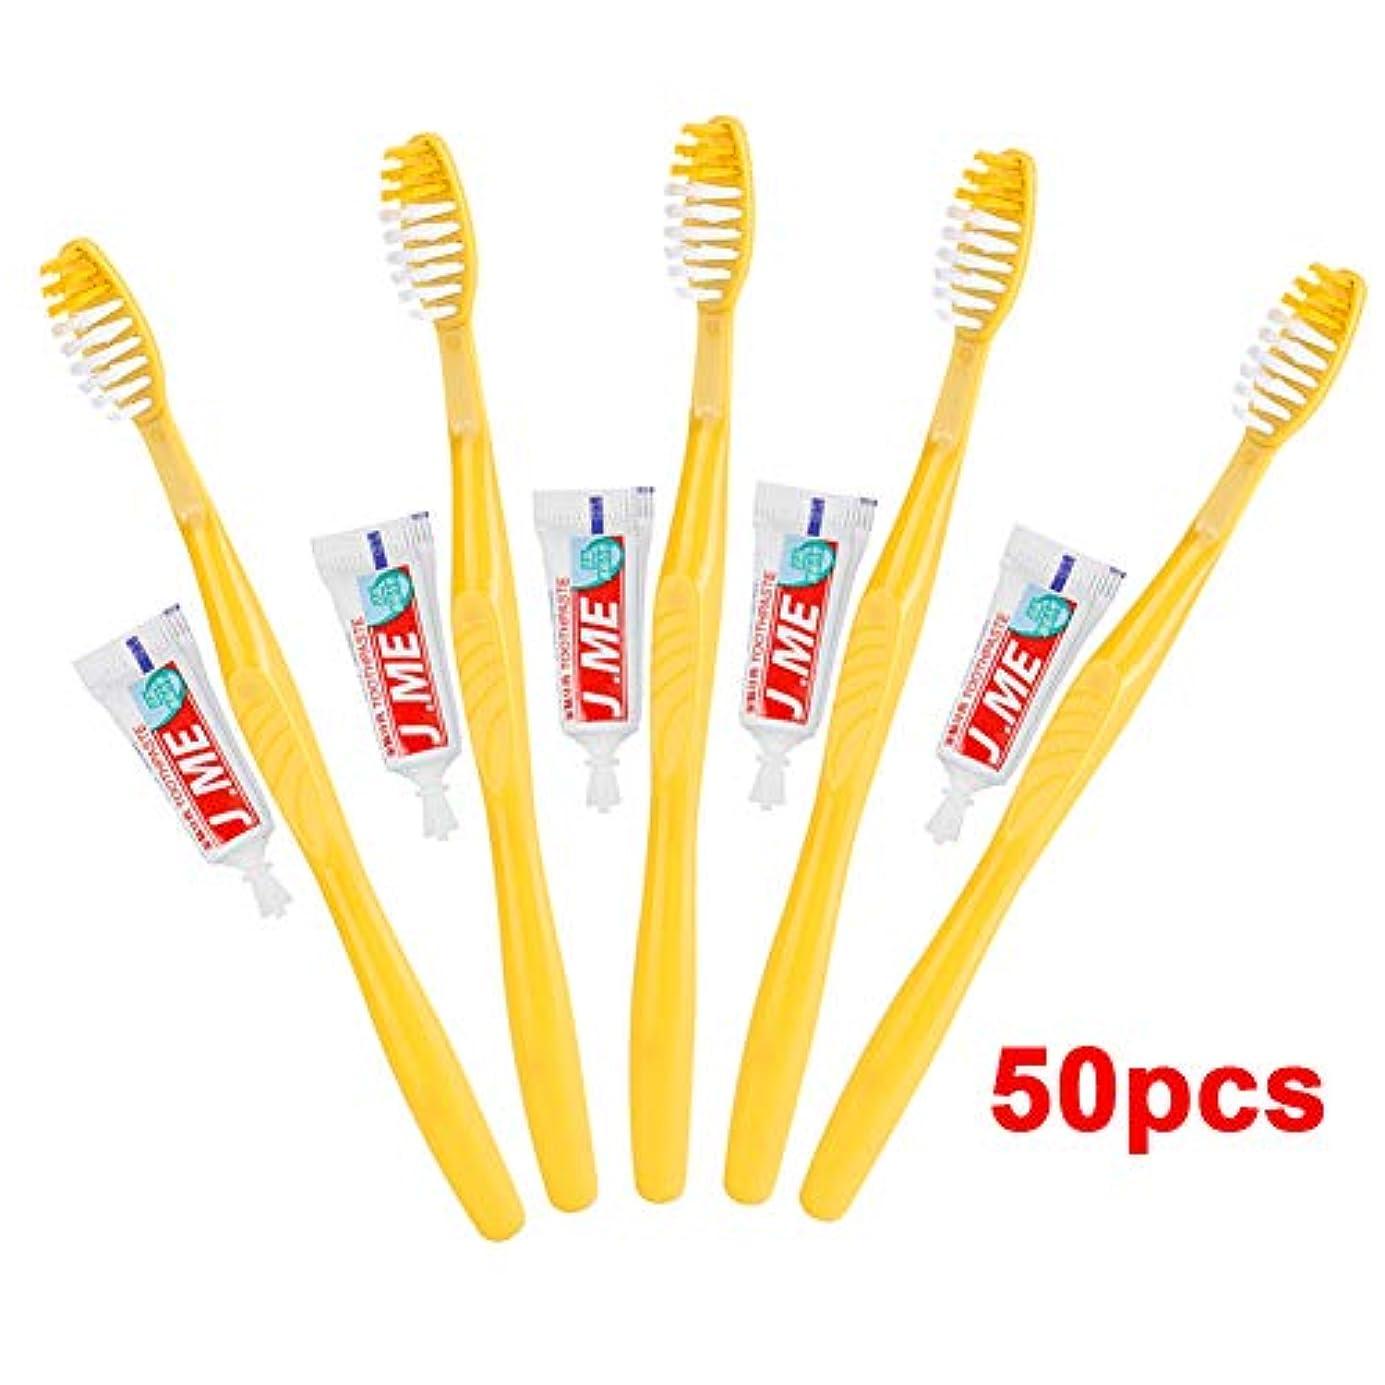 地理それからお誕生日Doo 超安い 50本入り 業務用使い捨て歯ブラシセット ハミガキ粉付き 使い捨て歯ブラシ ビジネス ホテル 工業用